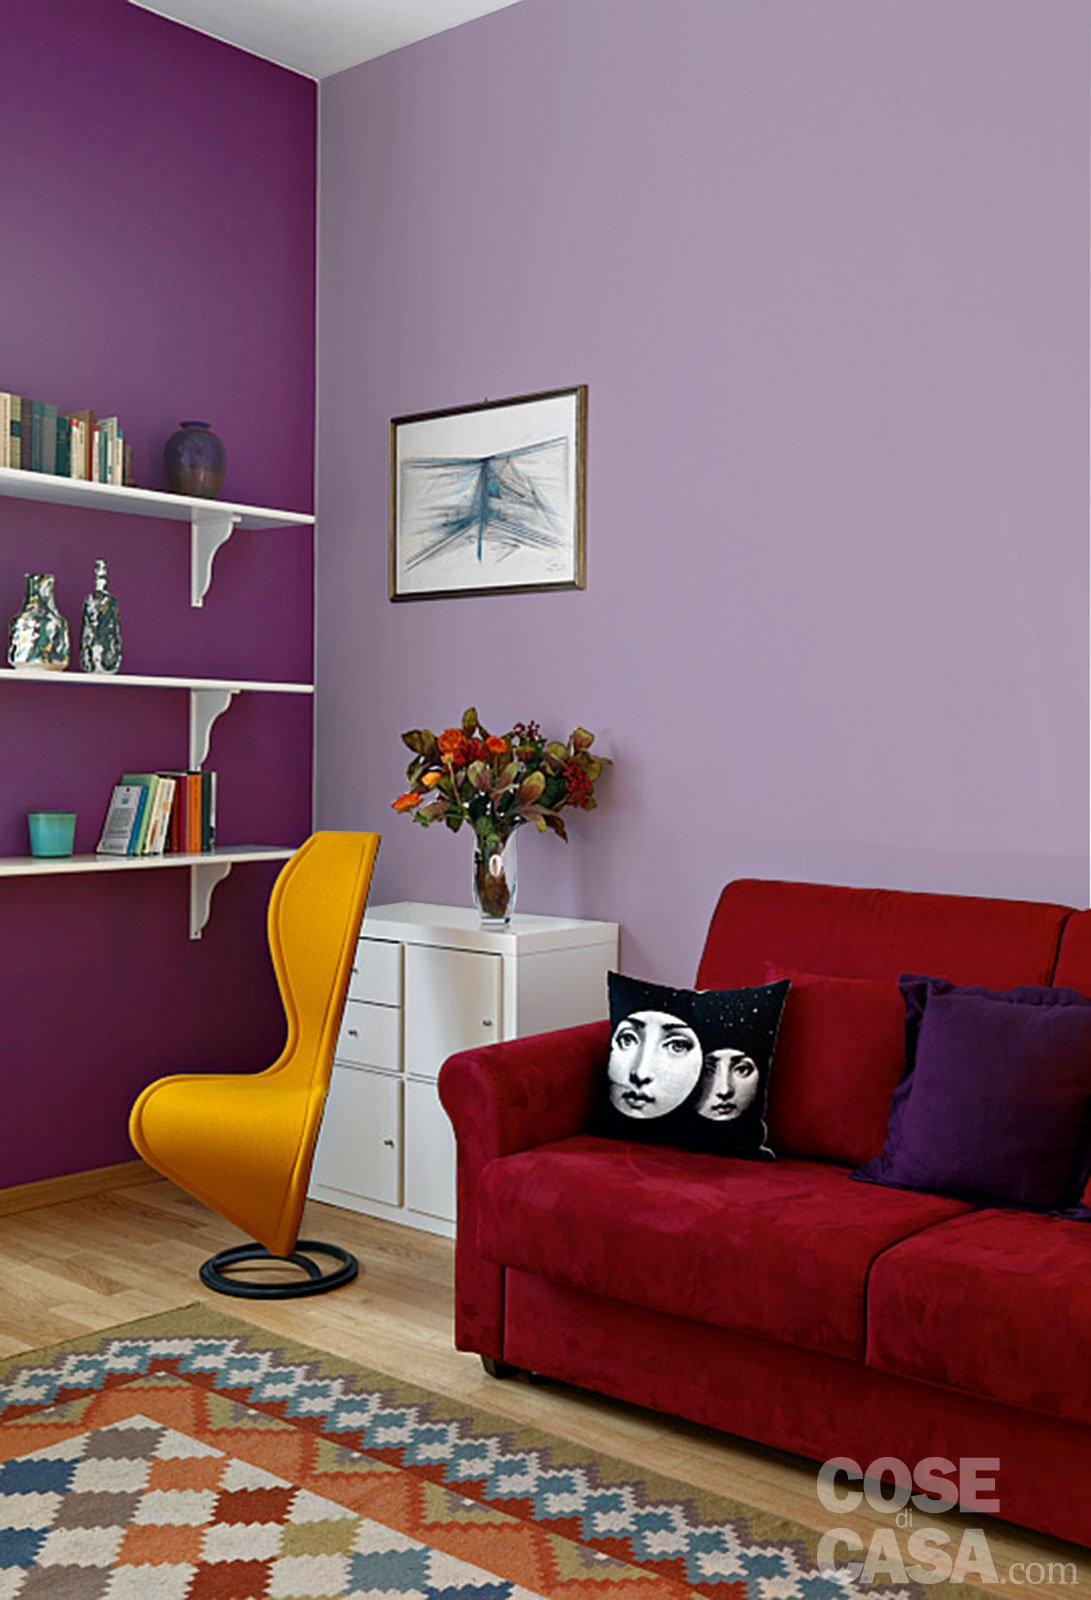 Dipingere Pareti Grigio Chiaro : Pitturare le pareti i trucchi che ingannano l occhio